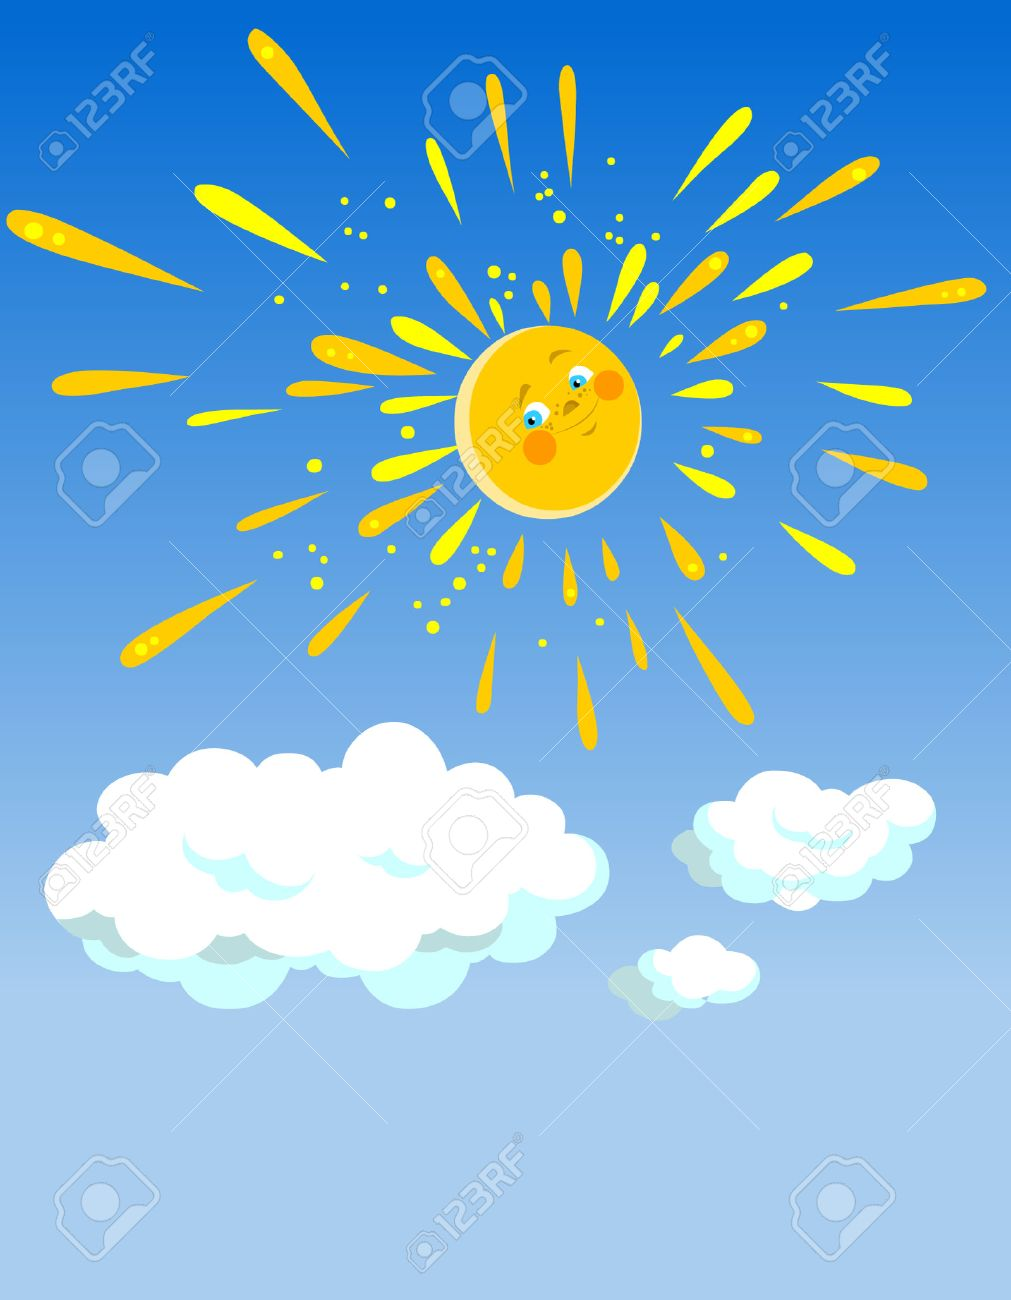 Dessin Anime Soleil Joyeux Dans Le Ciel Avec Des Nuages Clip Art